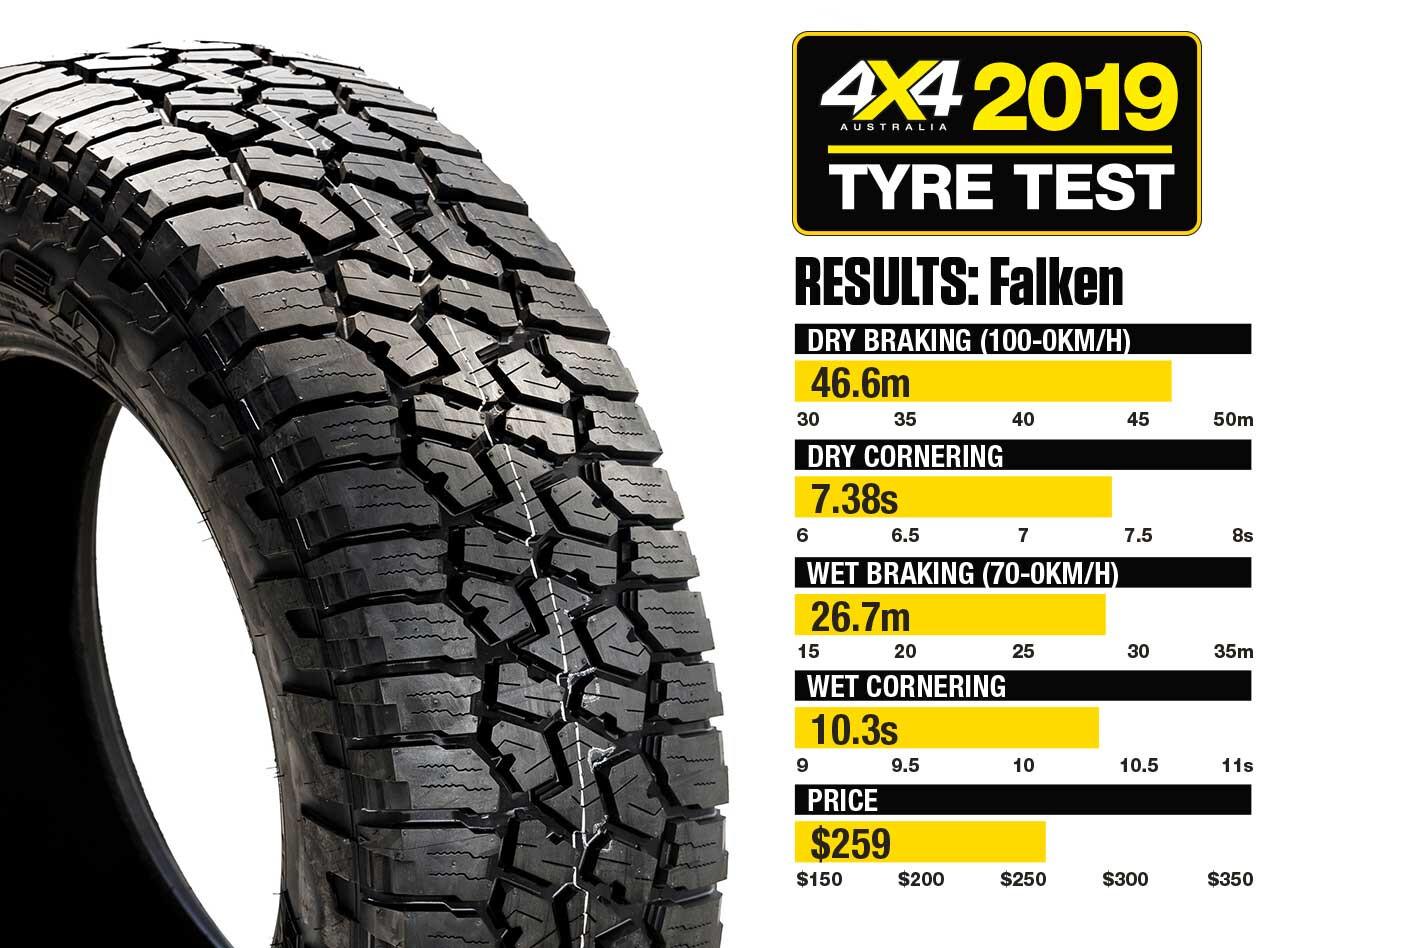 Falken Wildpeak AT Review 4 X 4 Tyre Test 2019 Result Jpg